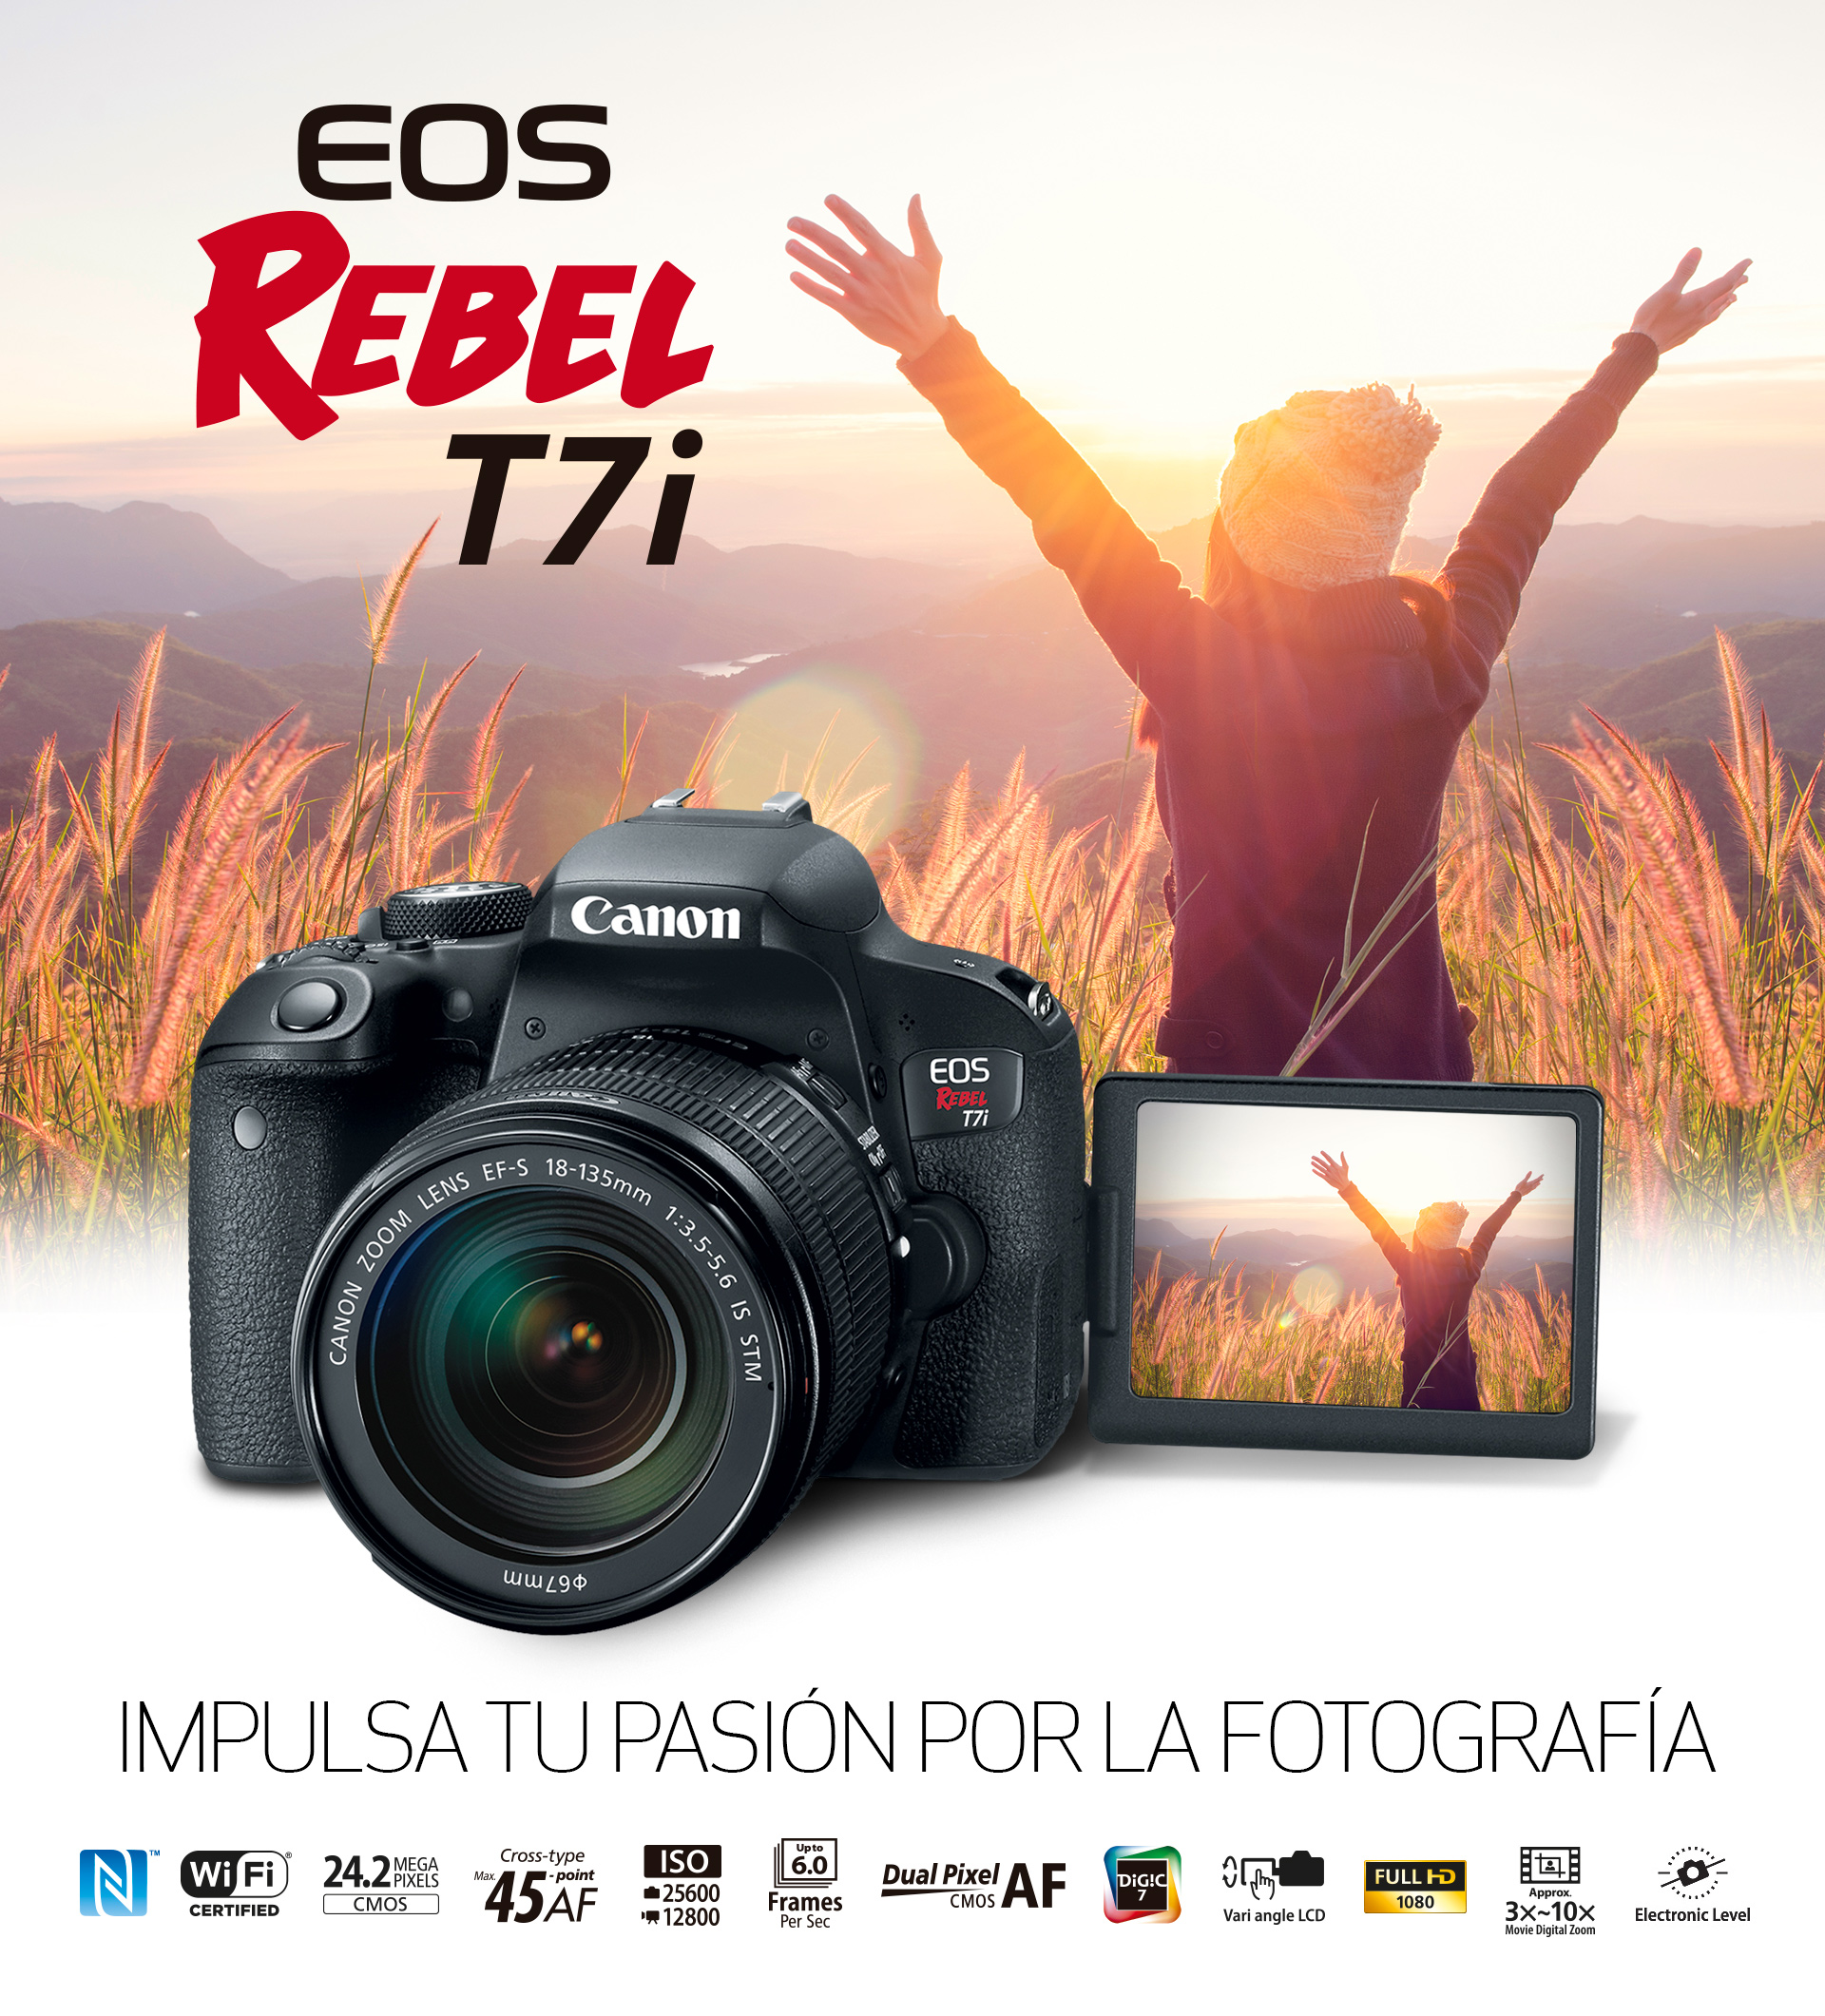 Eos Rebel T7i Ef S 18 55mm F 4 5 6 Is Stm